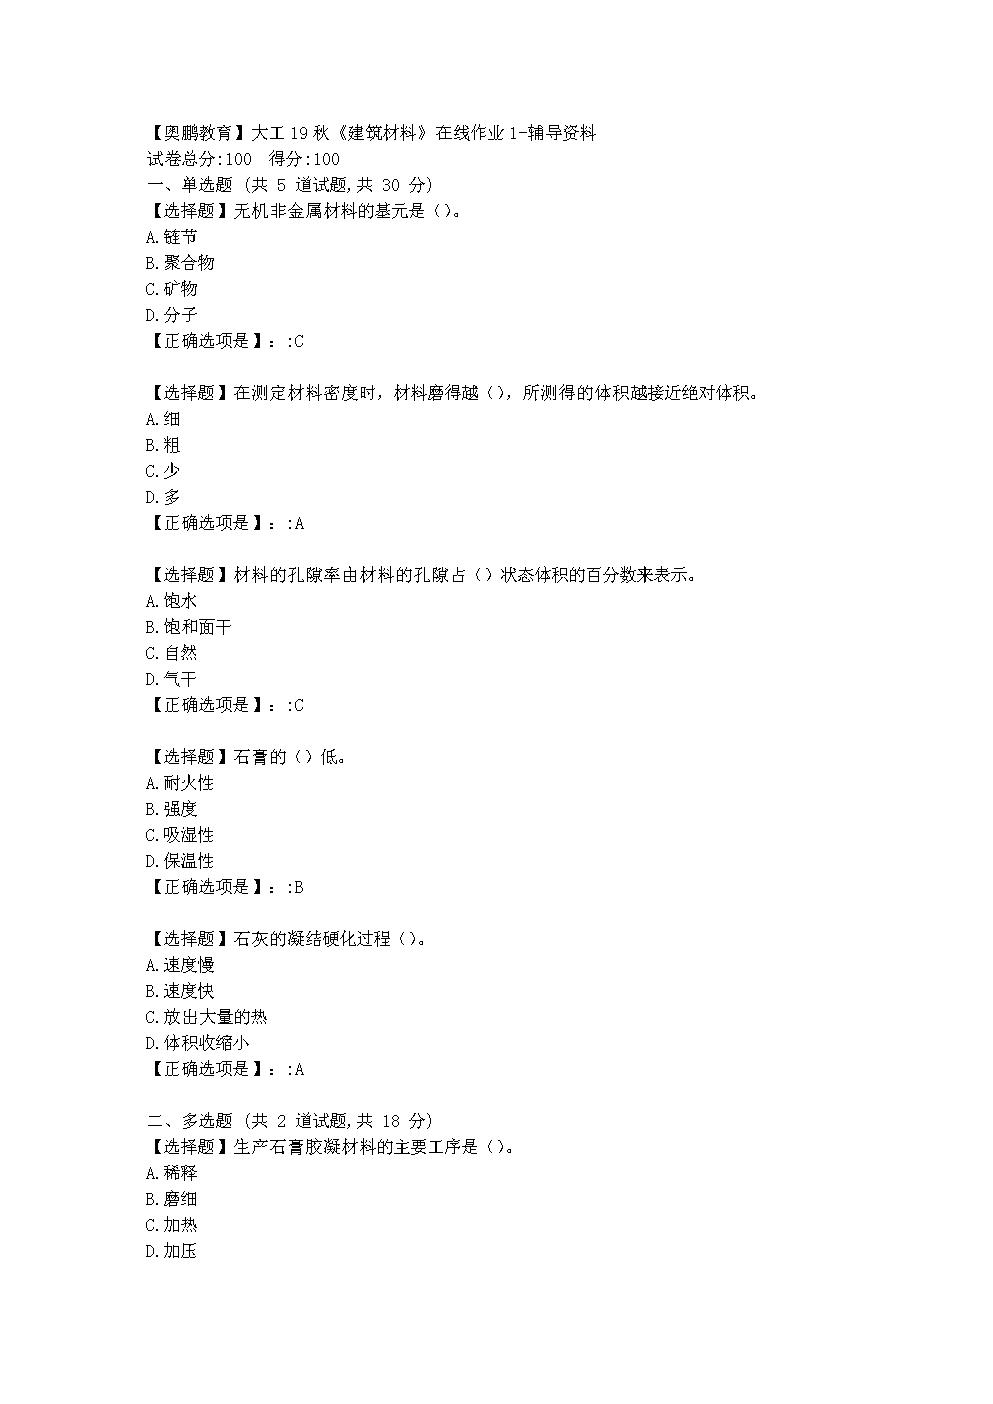 大连理工大学19秋《建筑材料》在线作业1学习资料.doc